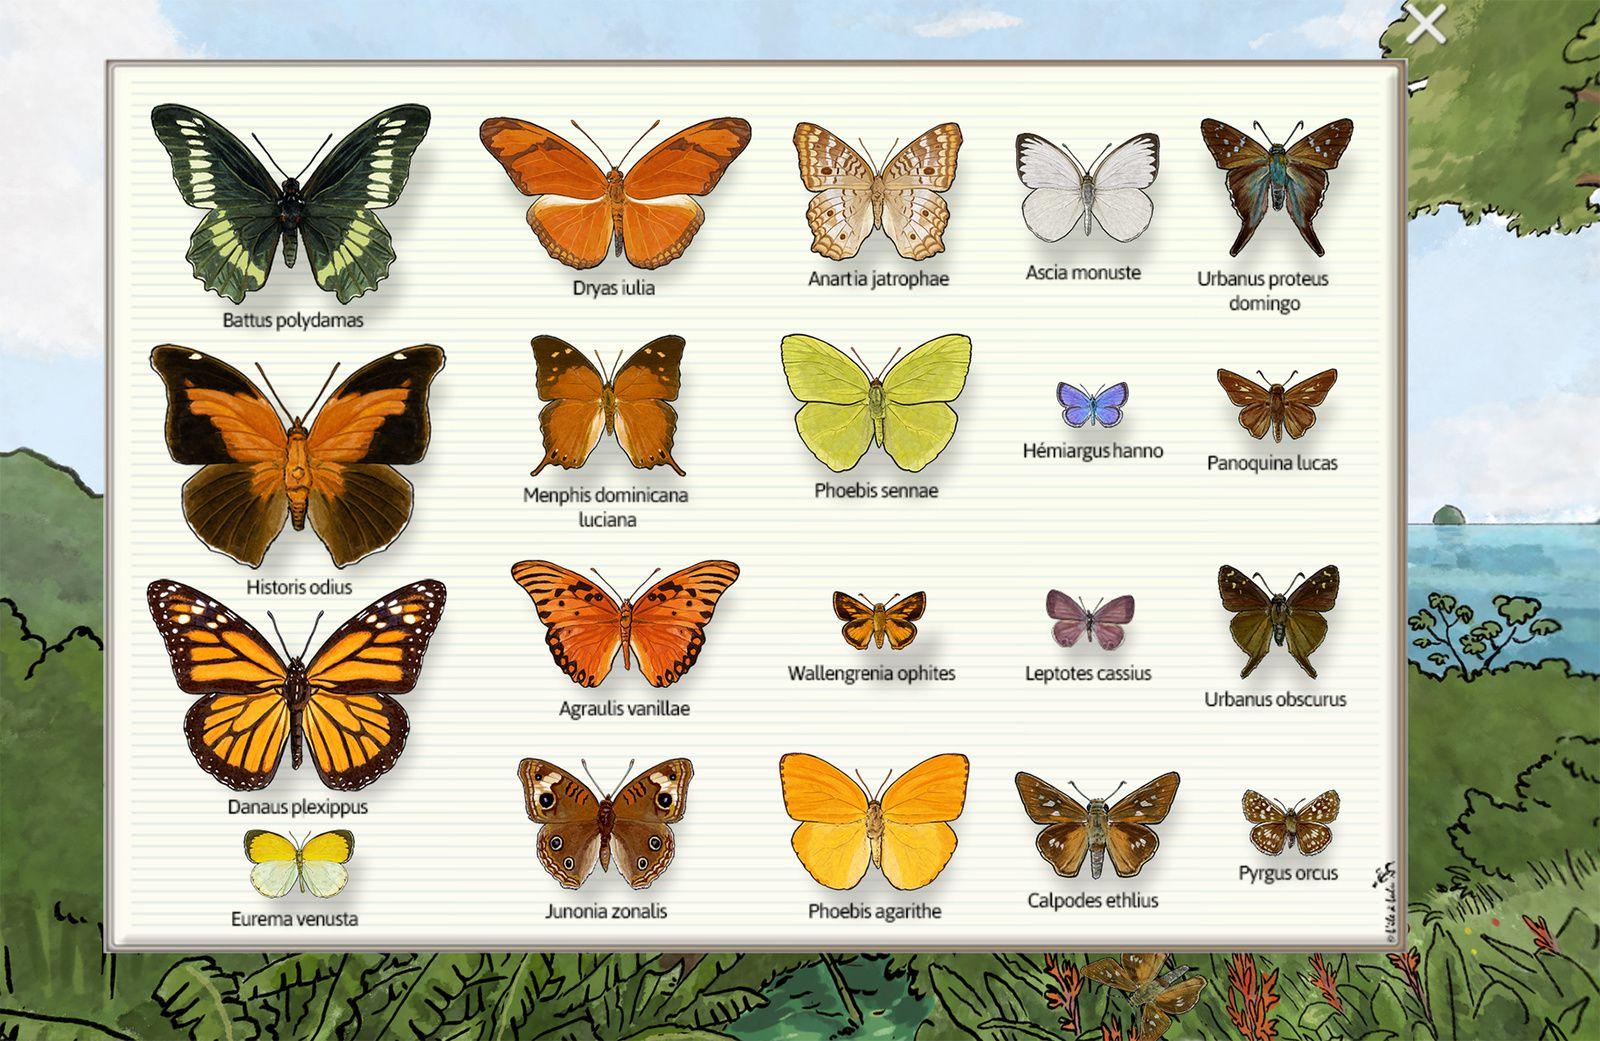 Les 20 papillons représentés dans la visite